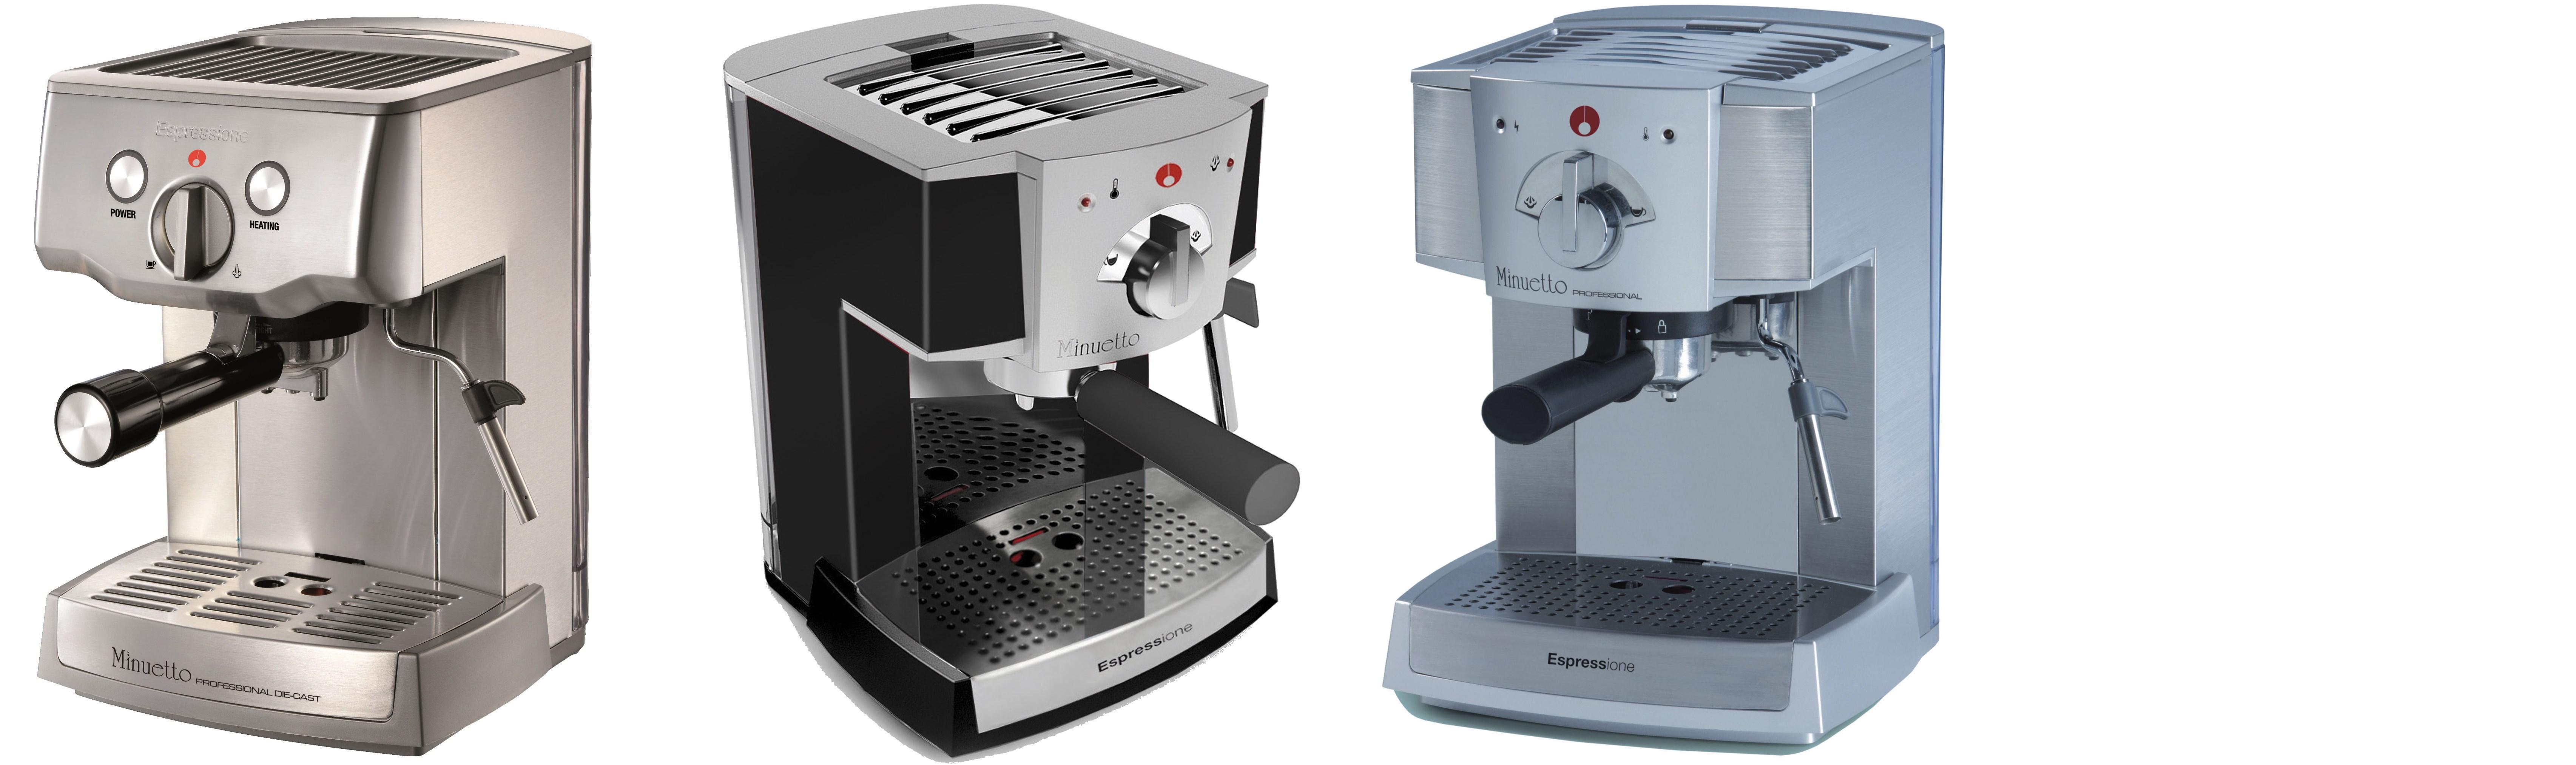 Amazon.com: Espressione Cafe Minuetto, Plateado: Kitchen ...